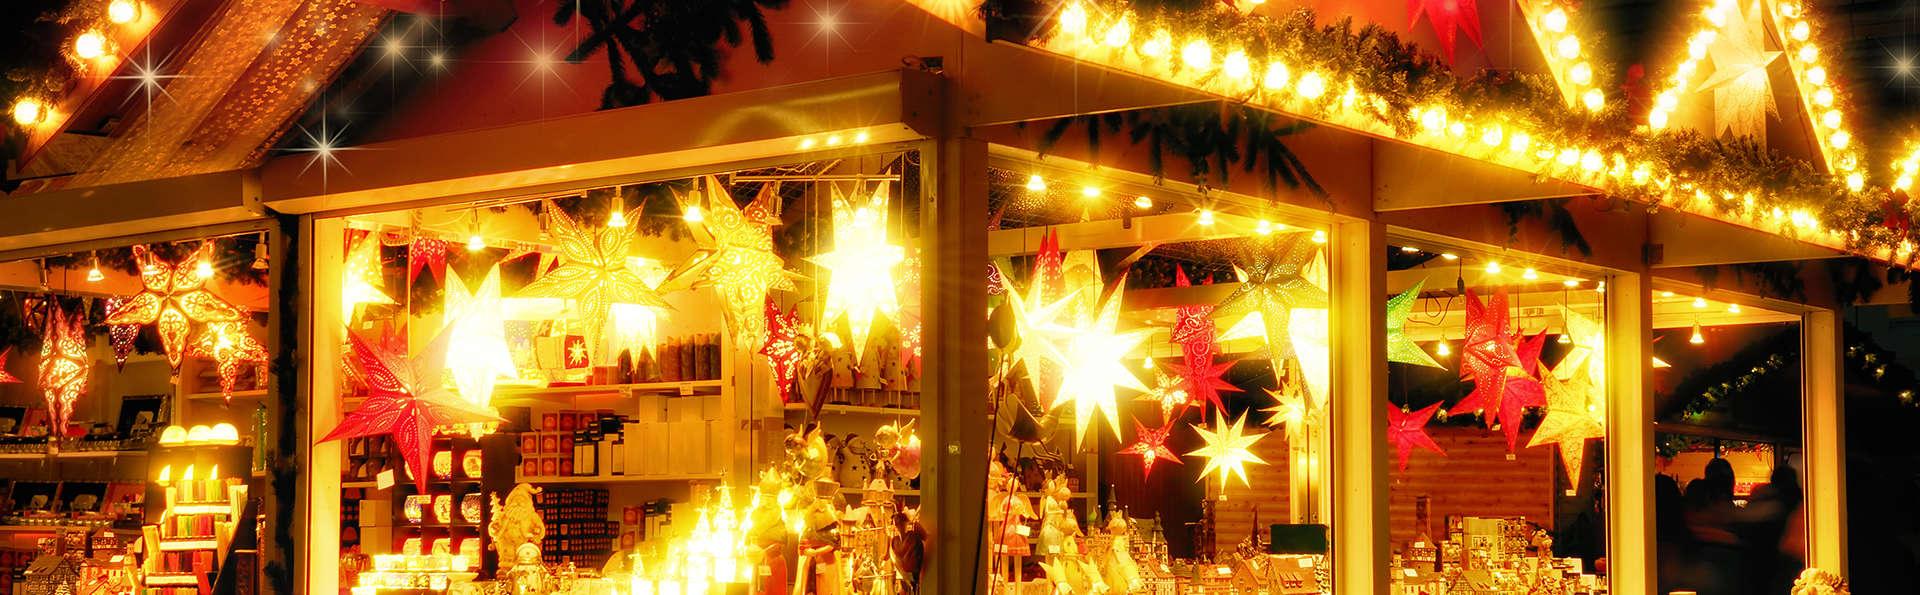 Offre marché de Noël: week-end dans un hôtel de luxe à Liège